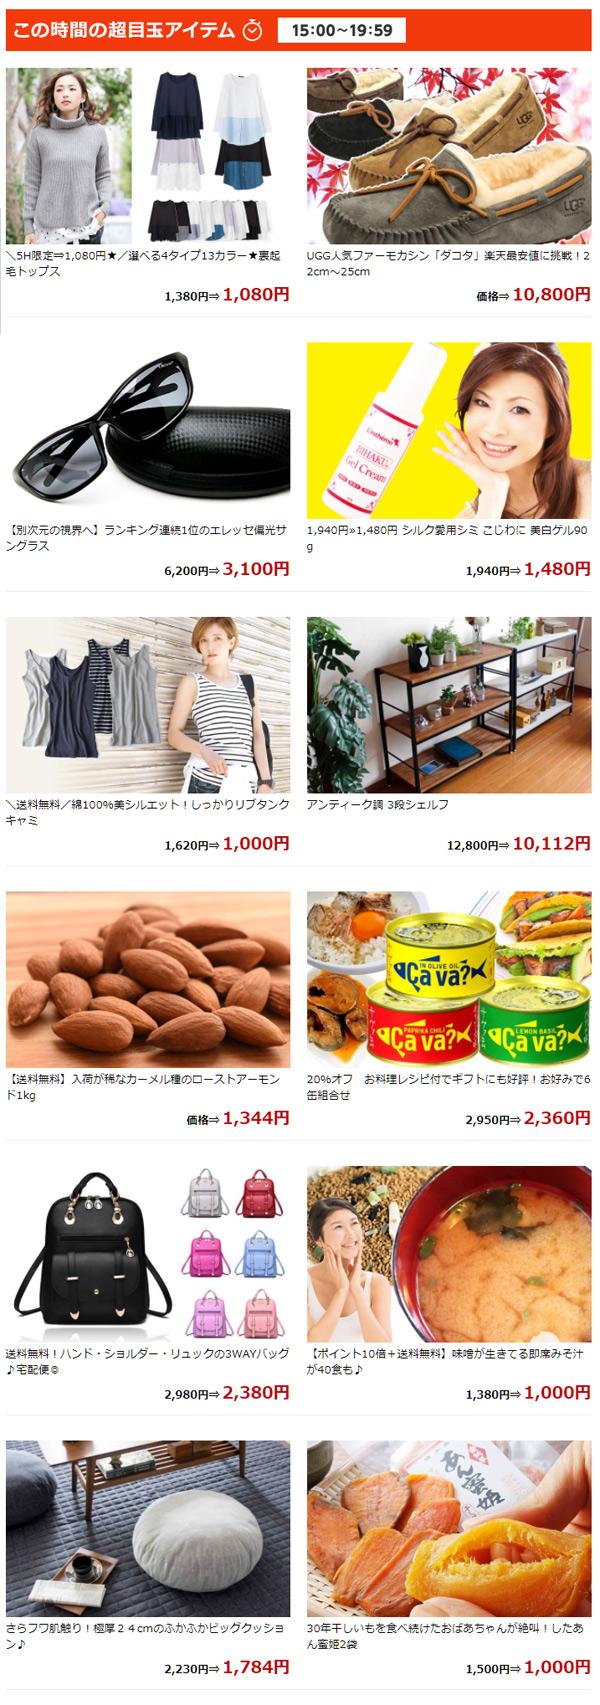 楽天市場で売り切れた商品を非表示にする方法